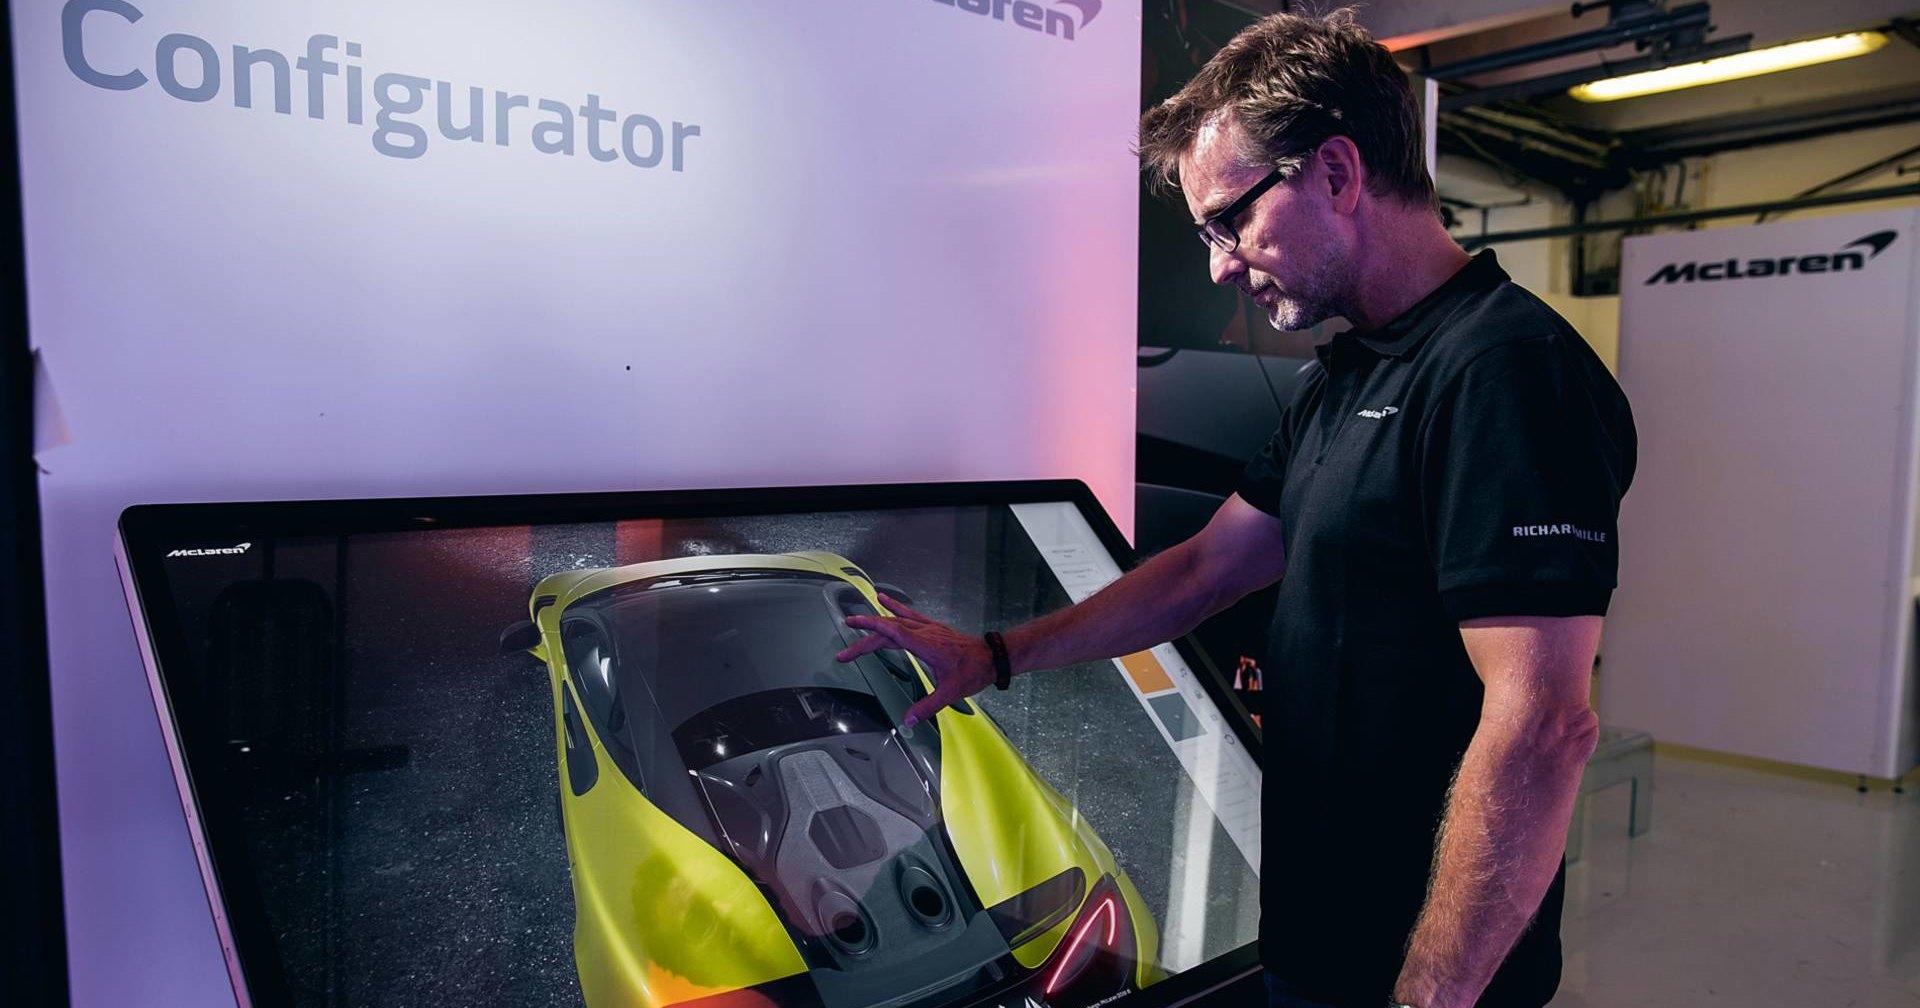 McLaren сделал 3D-конфигуратор с разрешением 4К